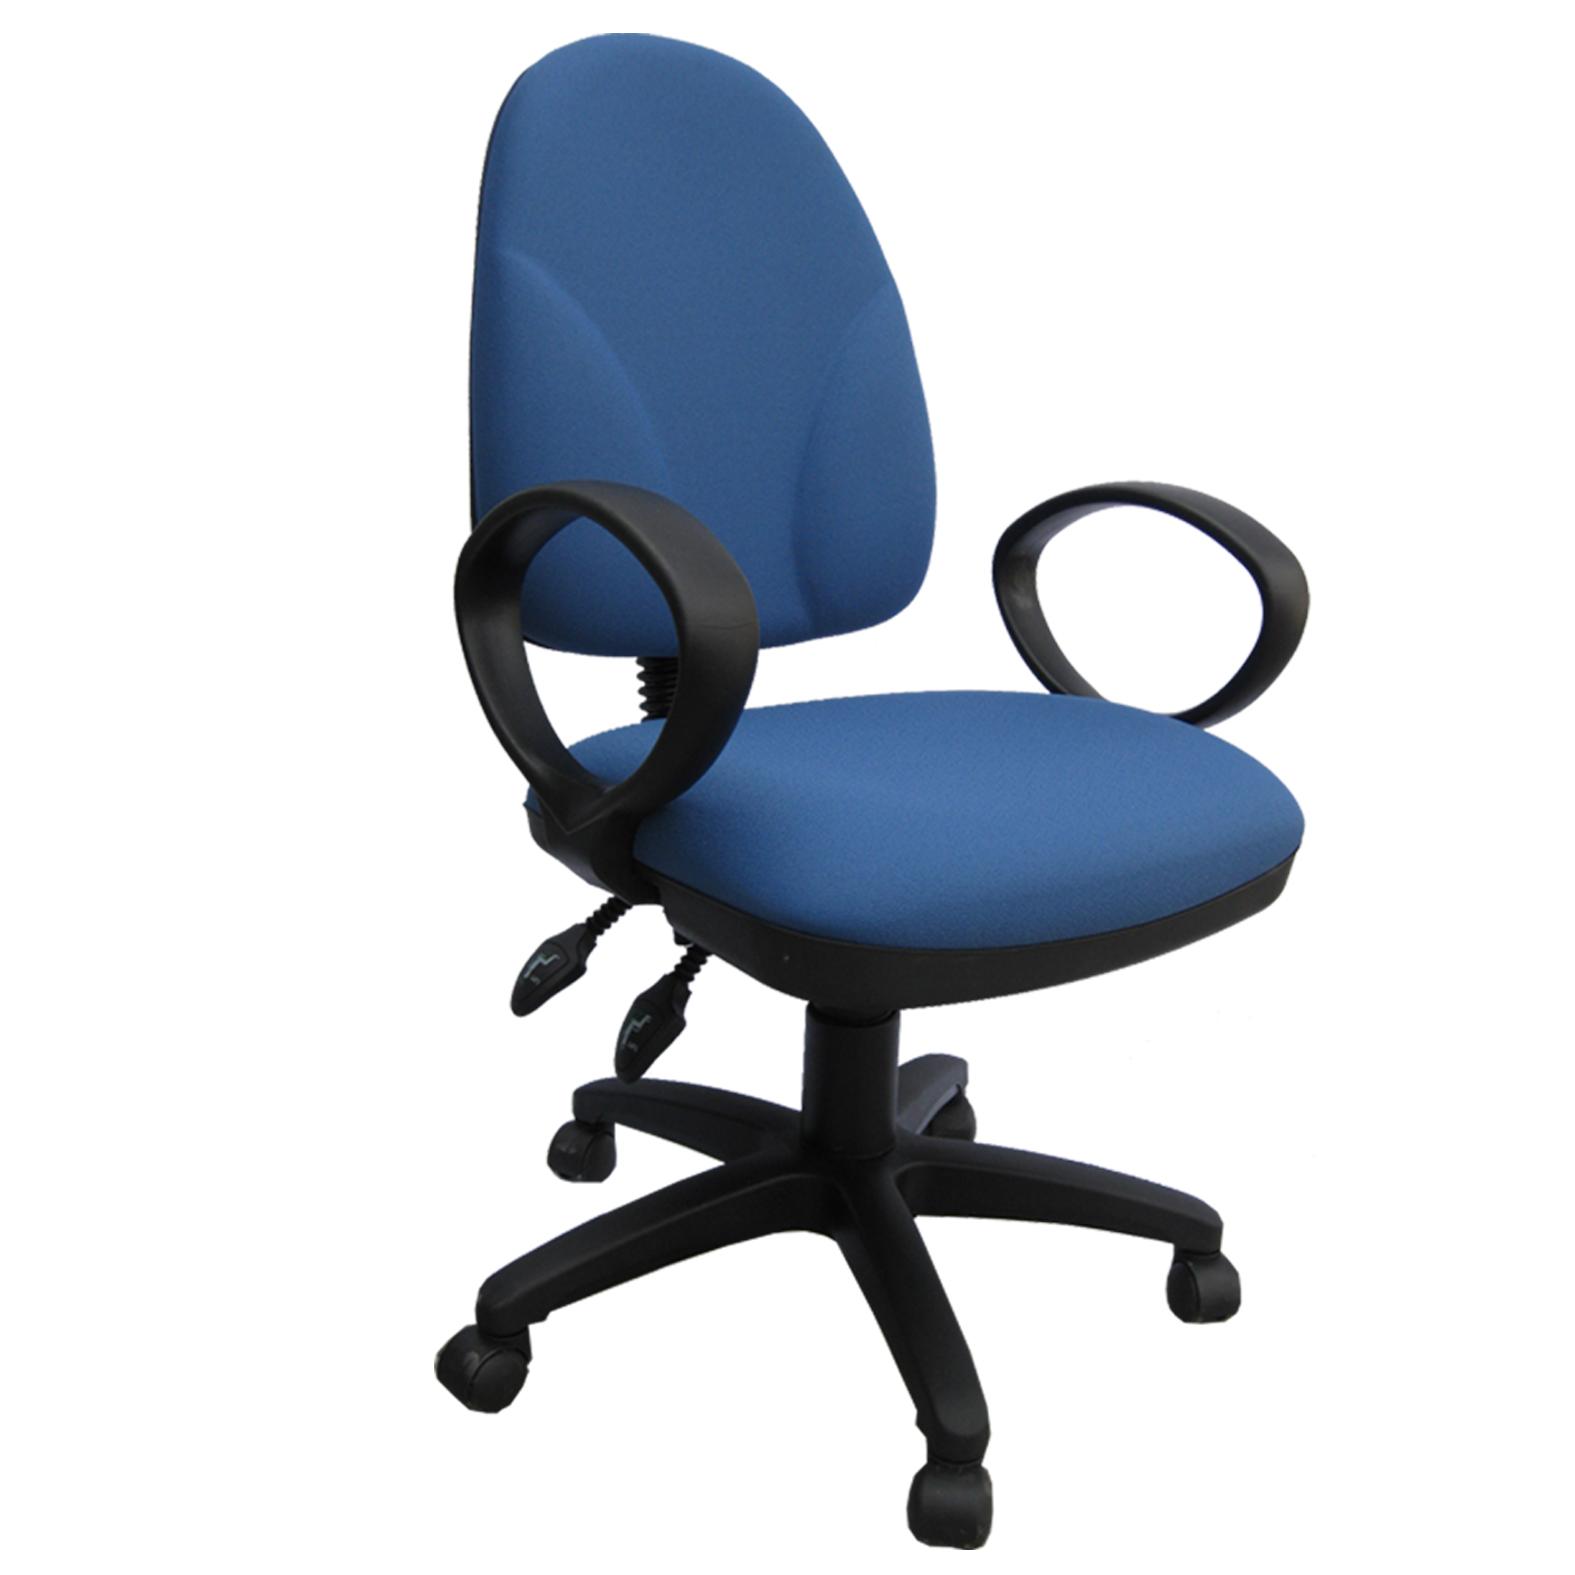 Silla secretarial 600 br 14 pl grupo meta soluciones de for Sillas operativas para oficina